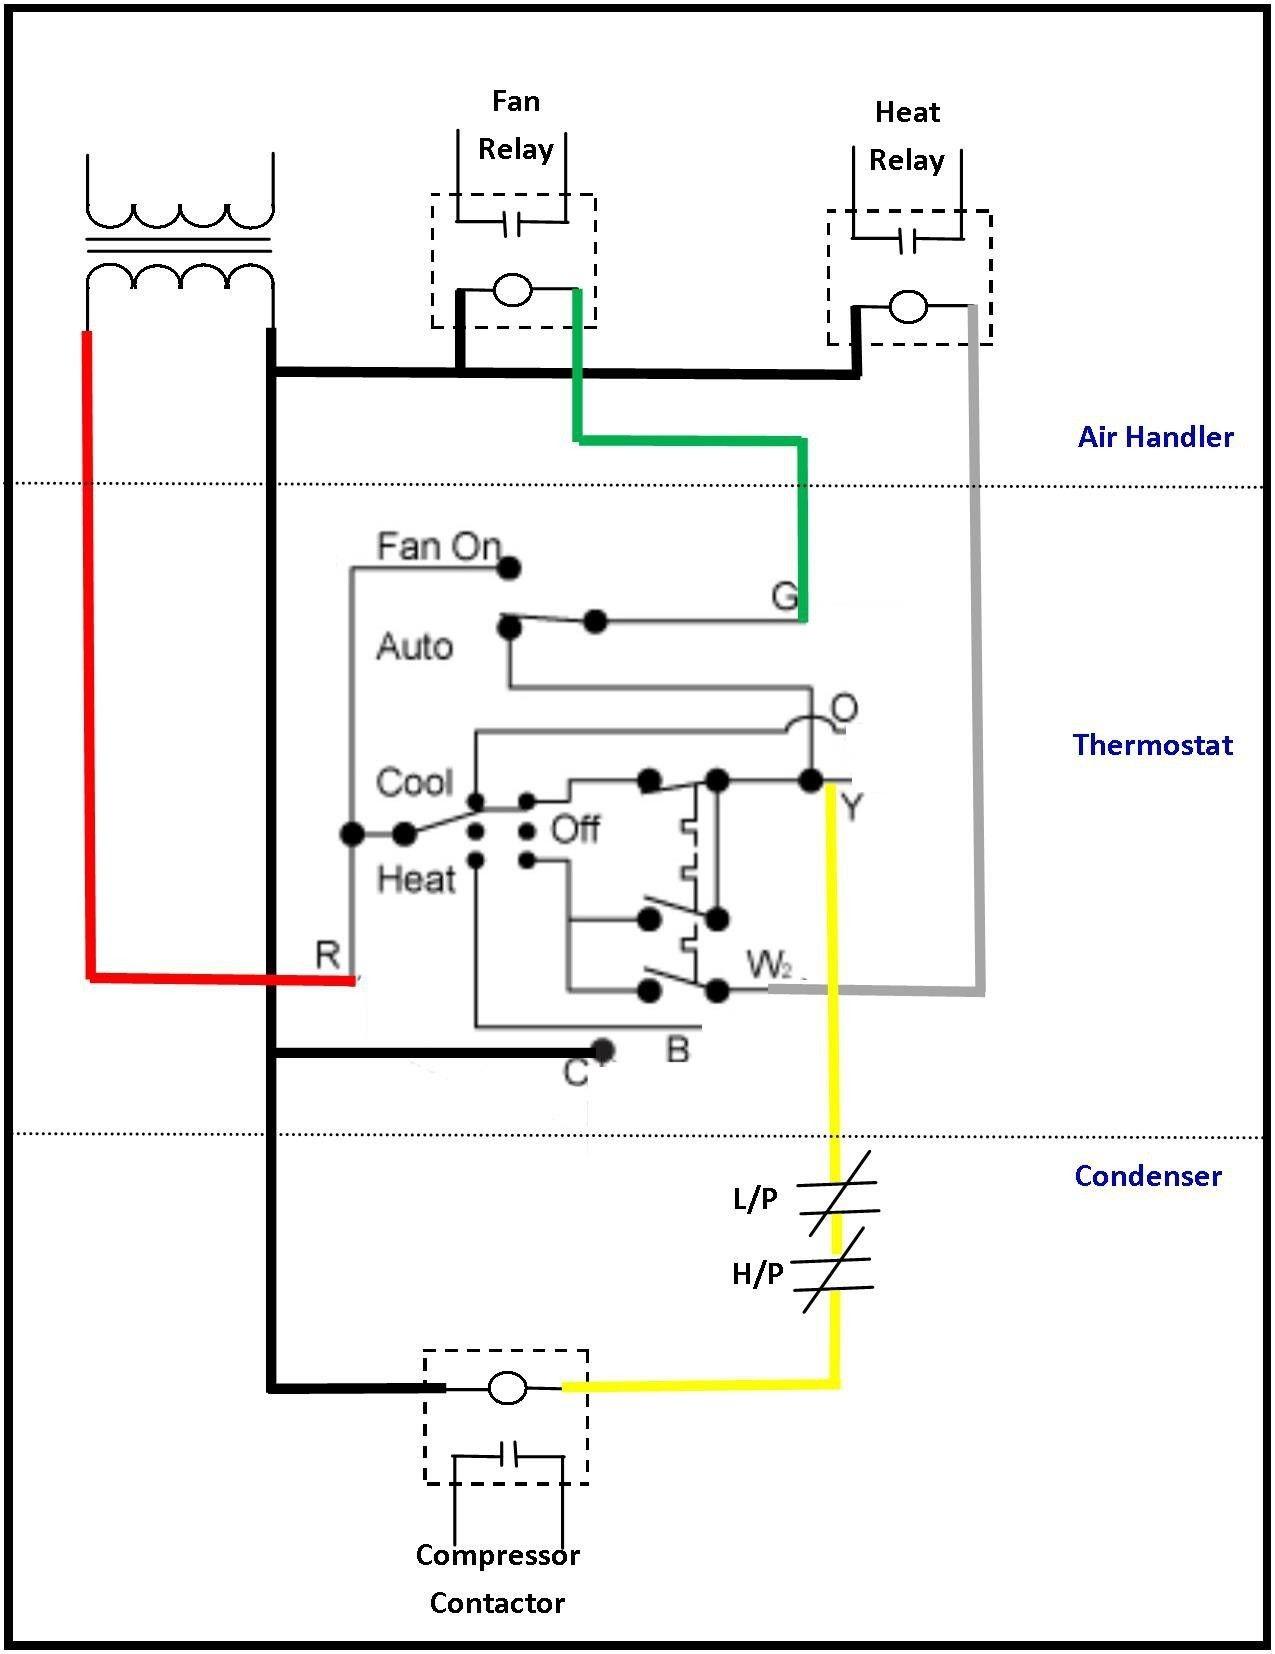 Payne Air Handler Wiring Diagram Gas Air Handler Wiring Diagram Wiring Diagram Meta Of Payne Air Handler Wiring Diagram